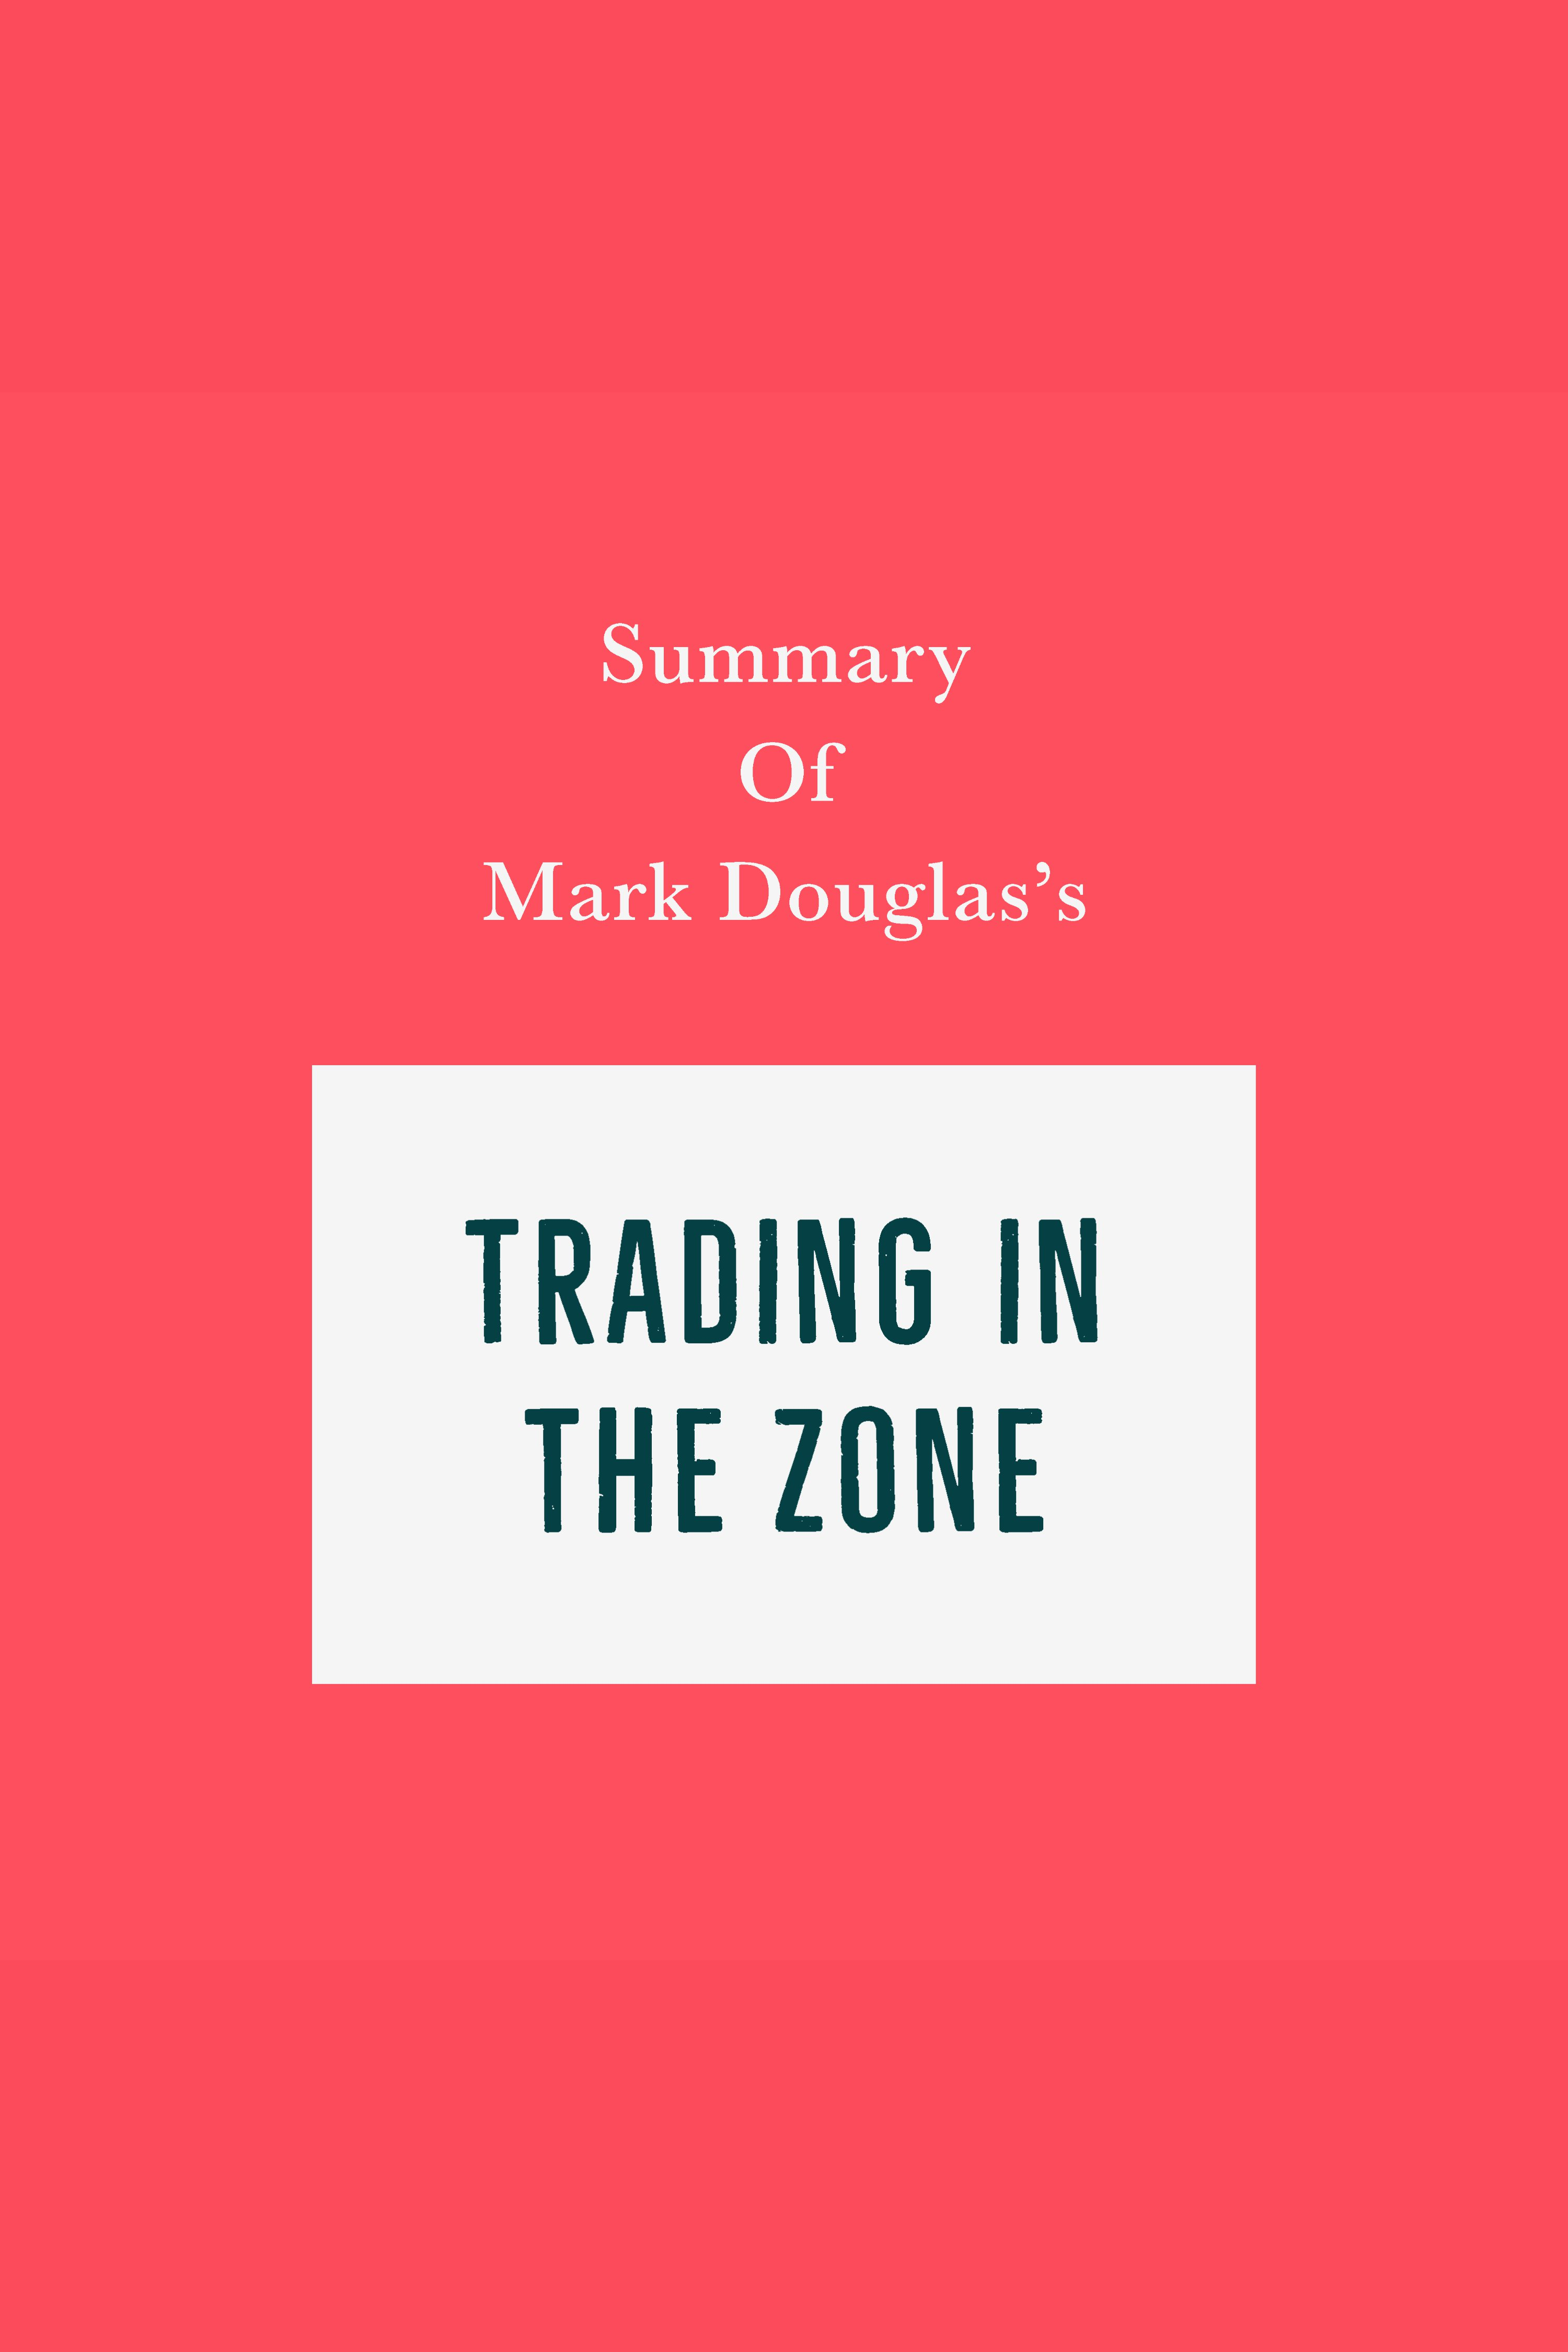 Esta es la portada del audiolibro Summary of Mark Douglas's Trading in the Zone